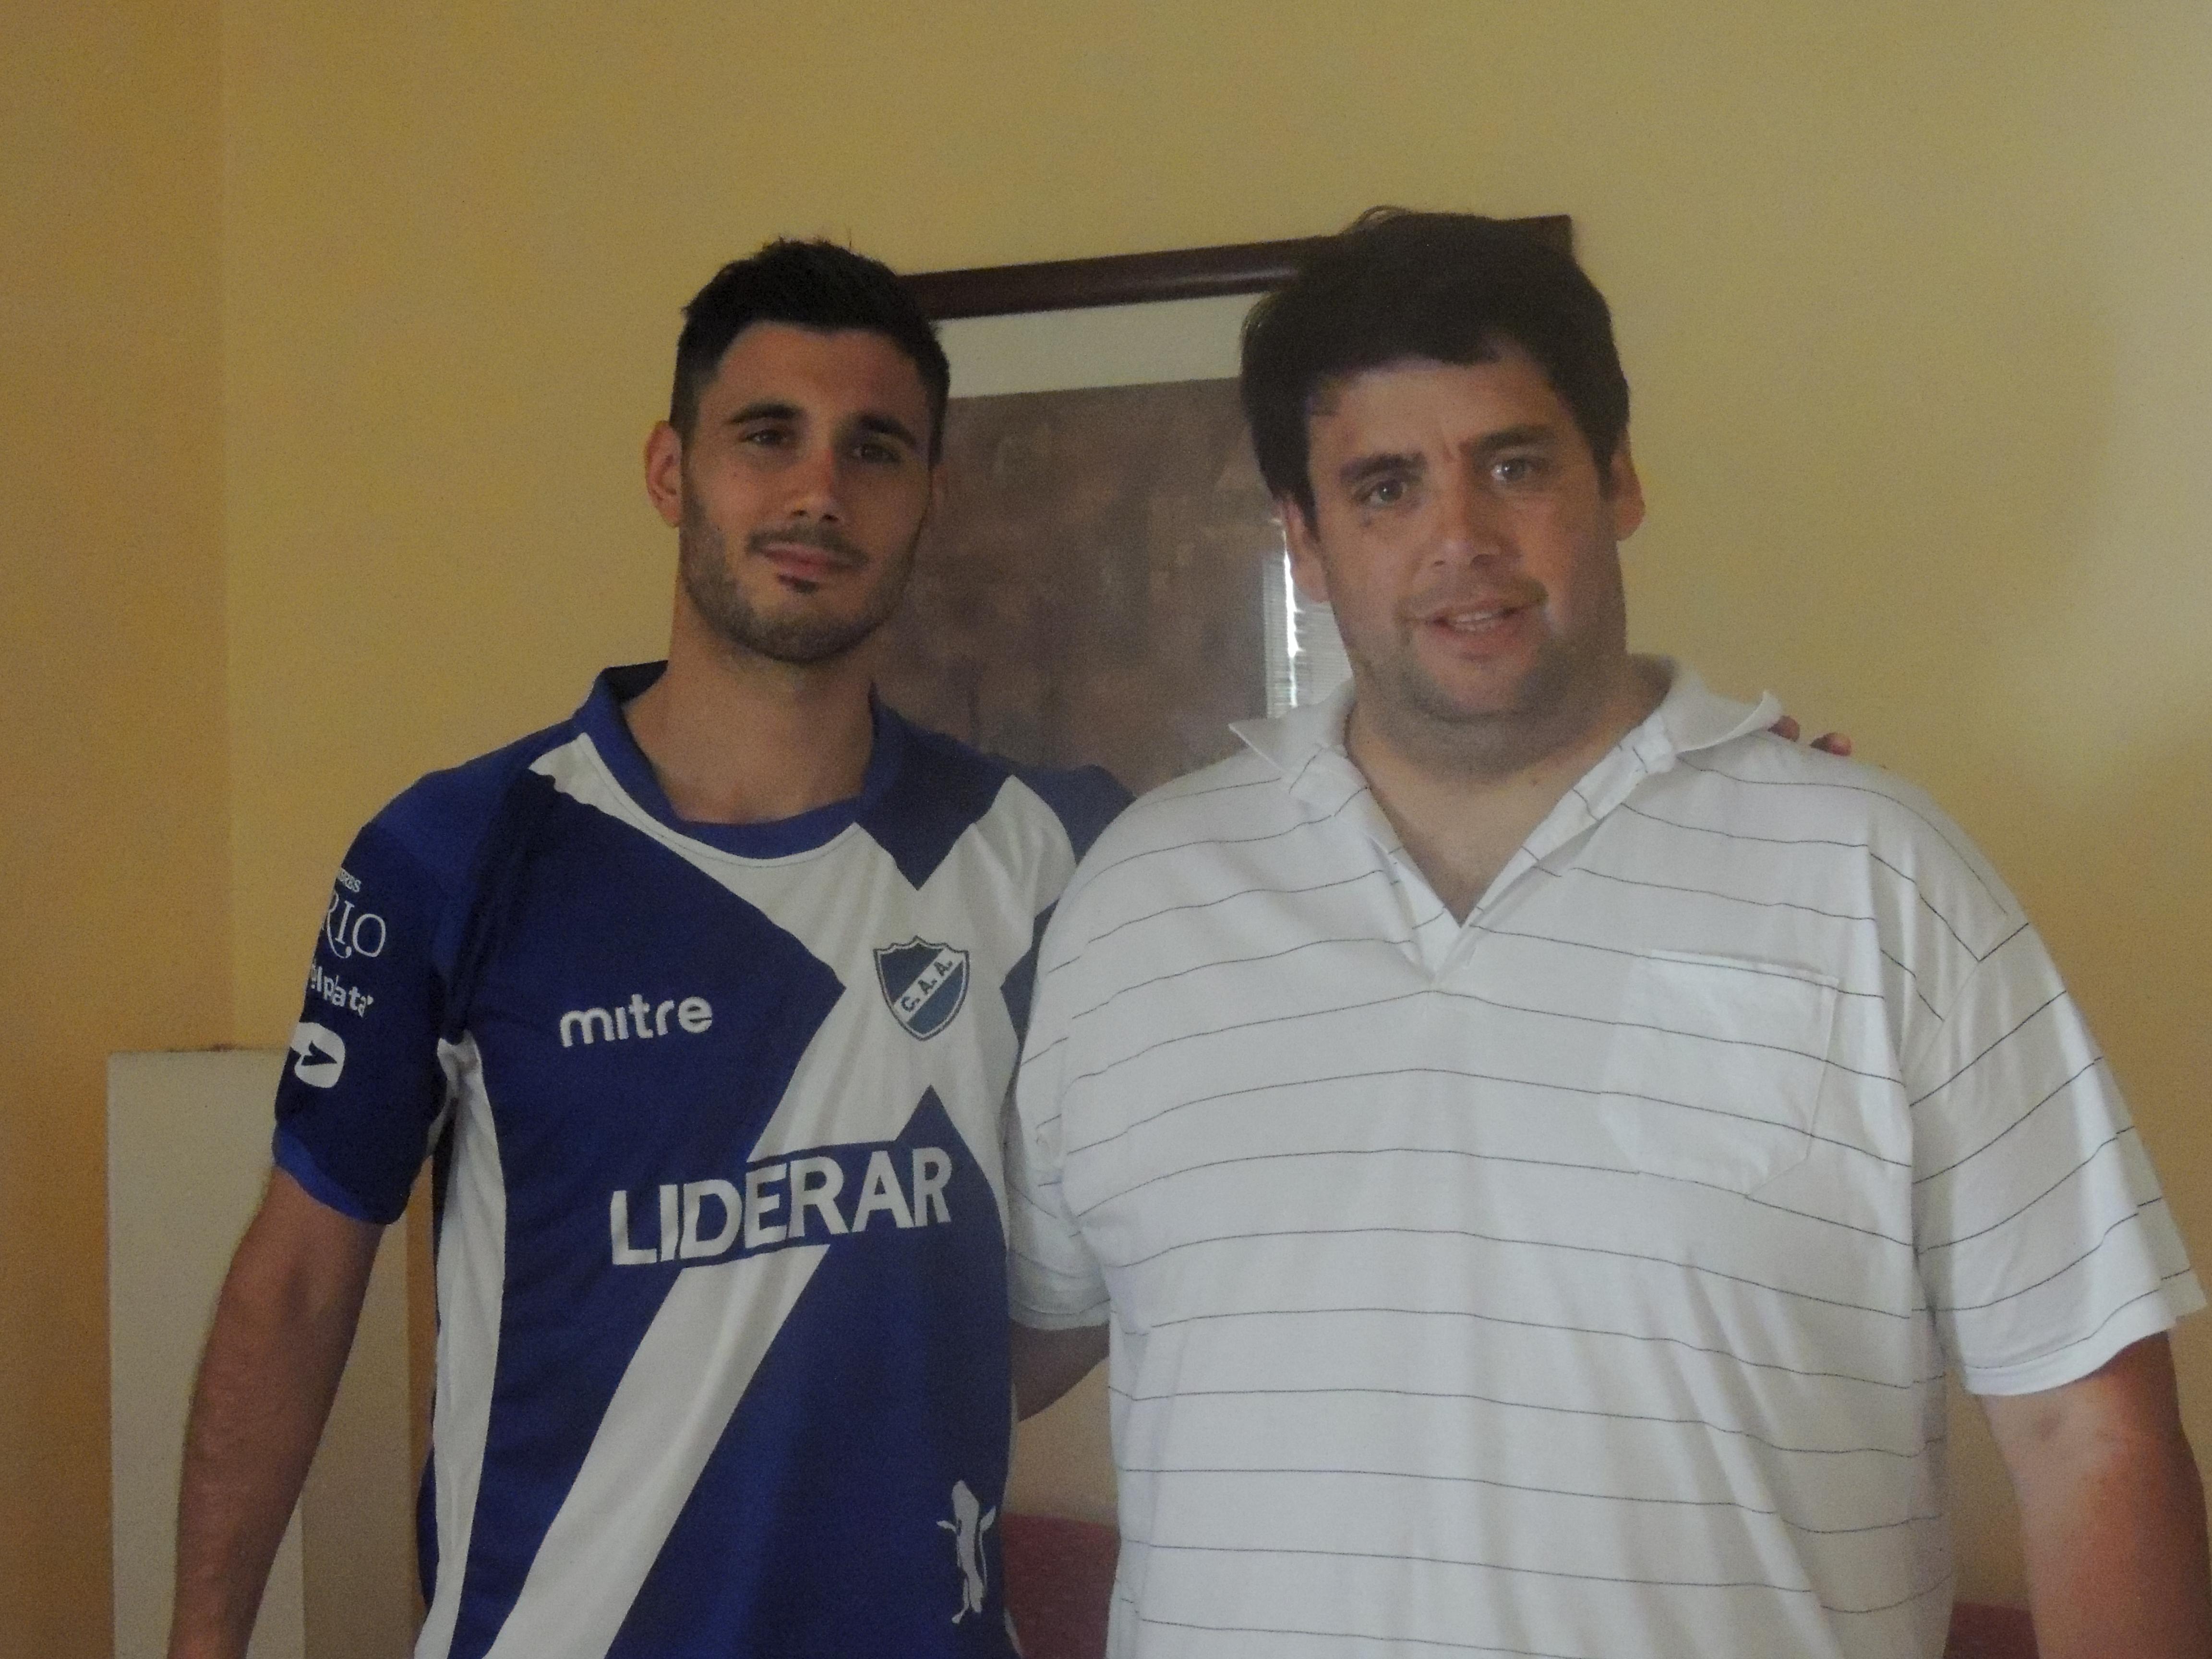 Federico Almerares y Emiliano Montes luego de firmar el contrato. (Foto: Prensa  Alvarado)